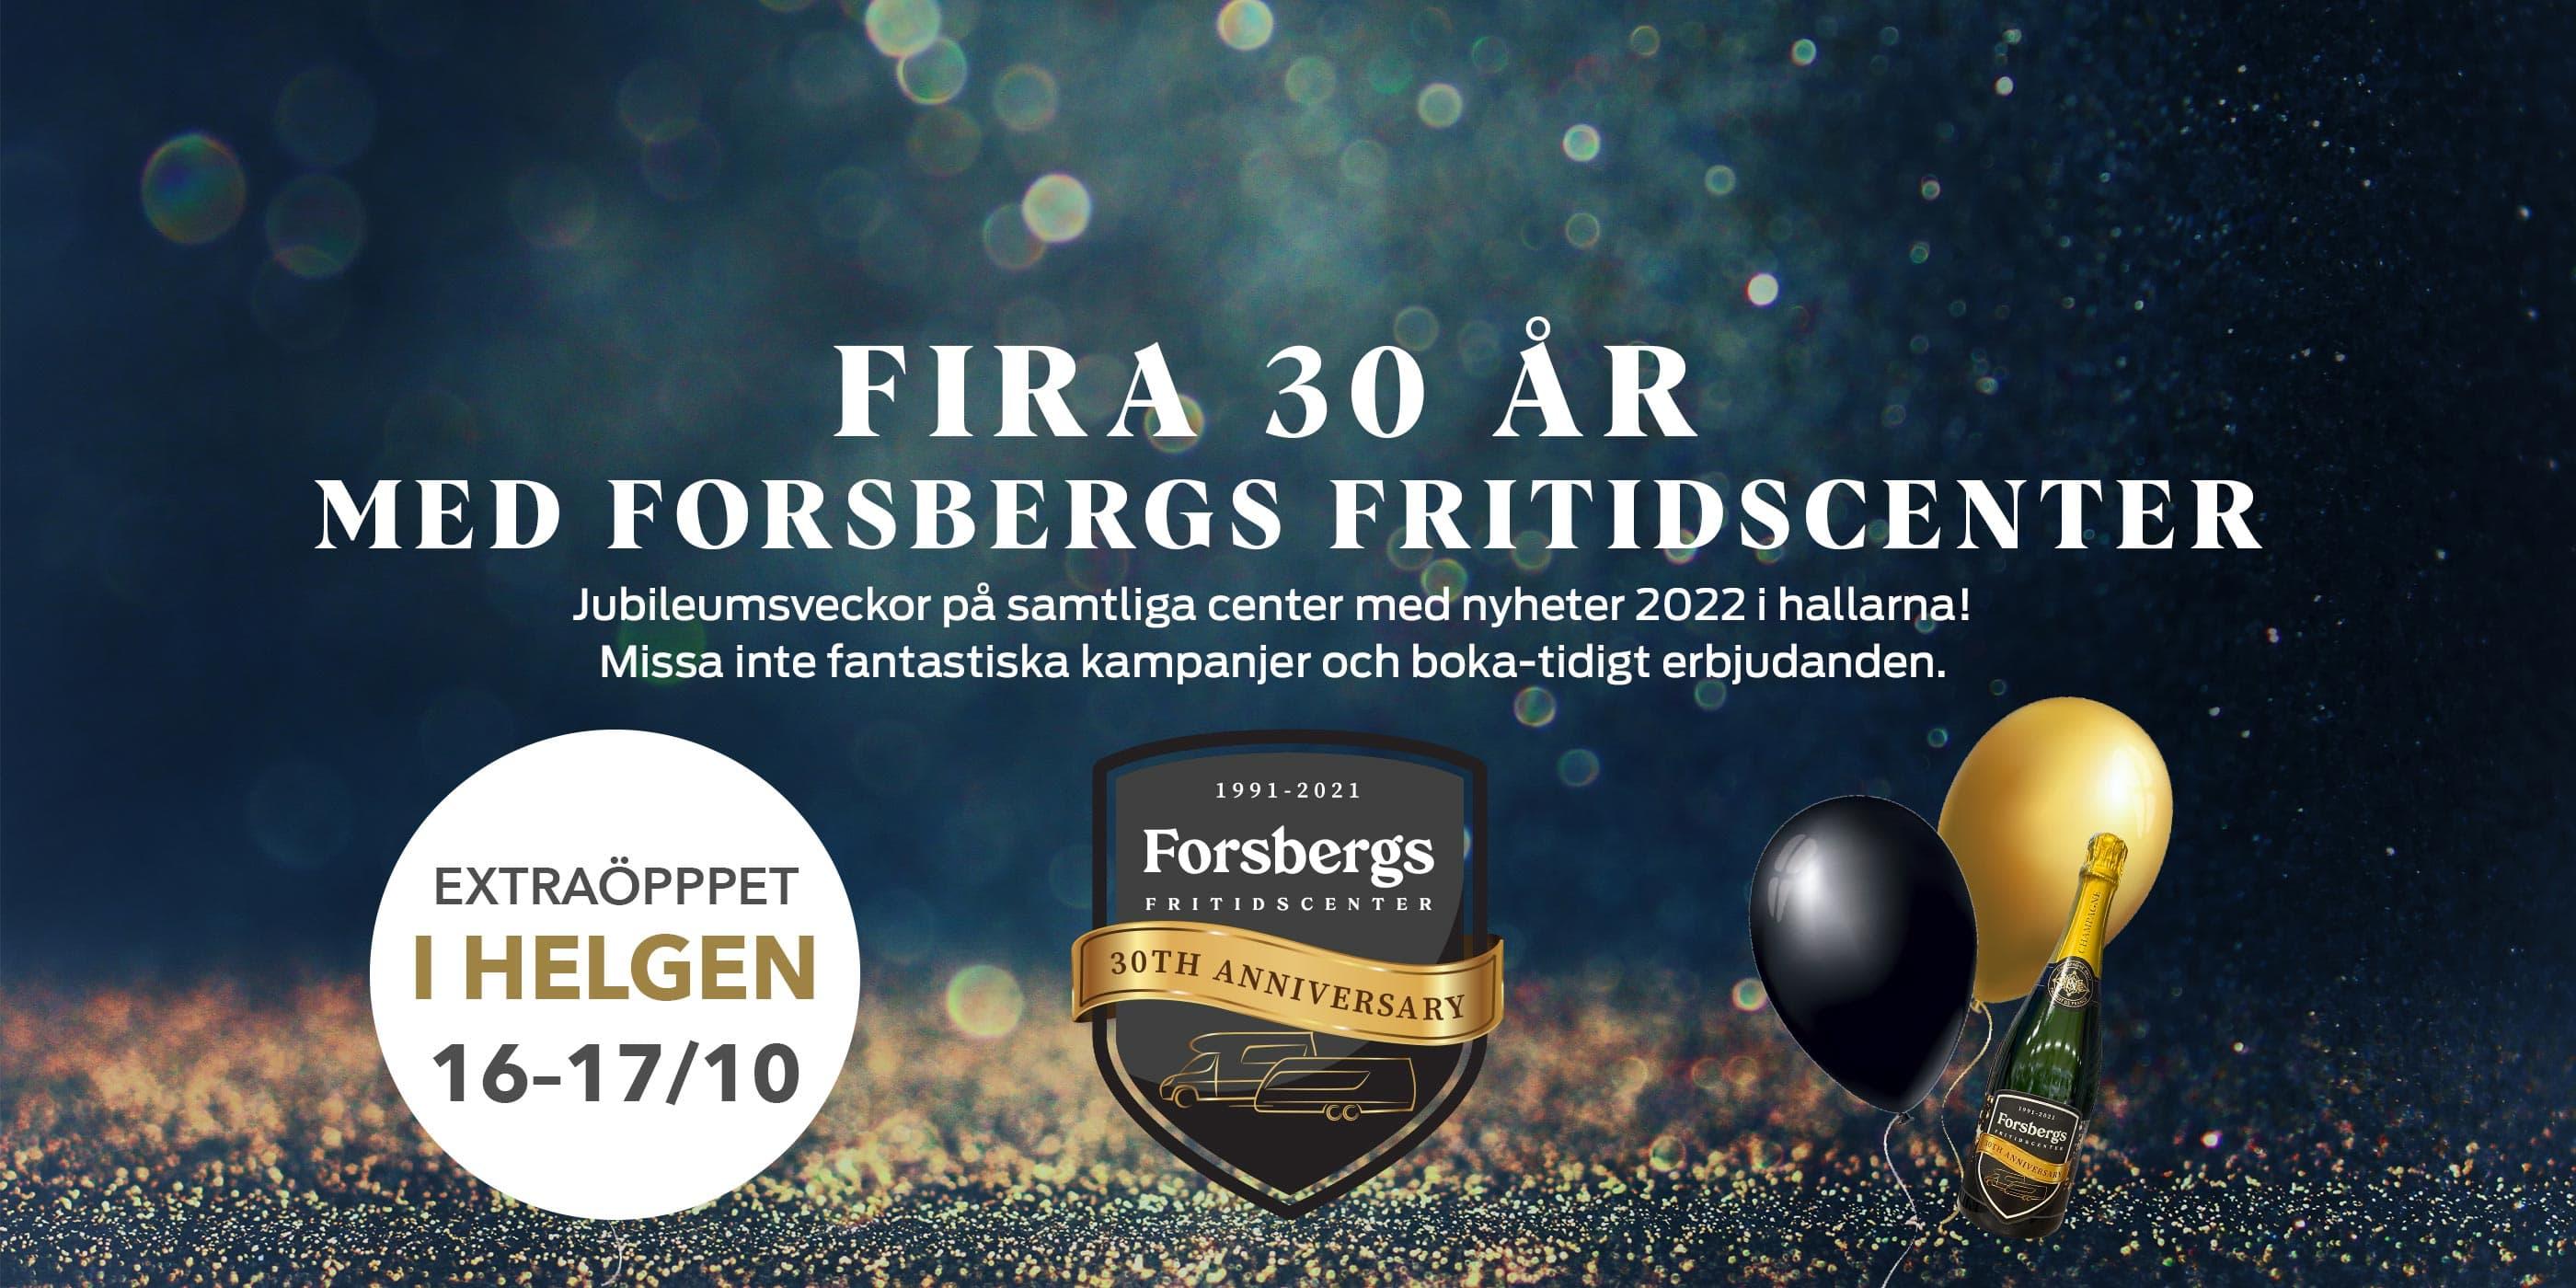 FIRA 30 ÅR MED FORSBERGS FRITIDSCENTER Jubileumsveckor på samtliga center med nyheter 2022 i hallarna! Missa inte fantastiska erbjudanden och boka-tidigt erbjudanden.